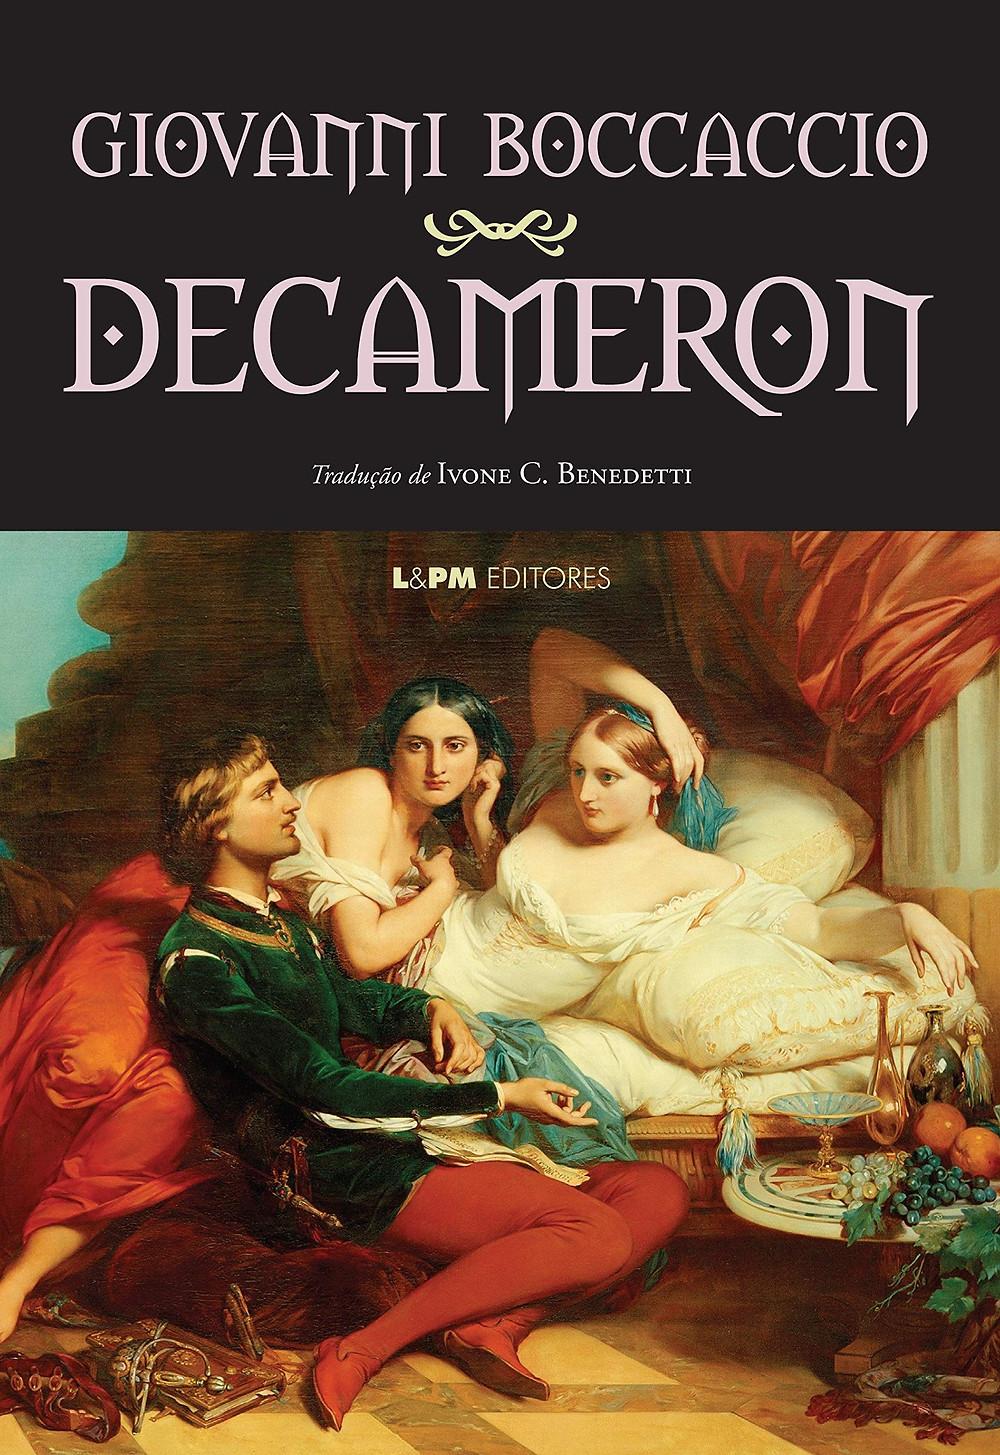 Decameron de Giovanni Boccaccio